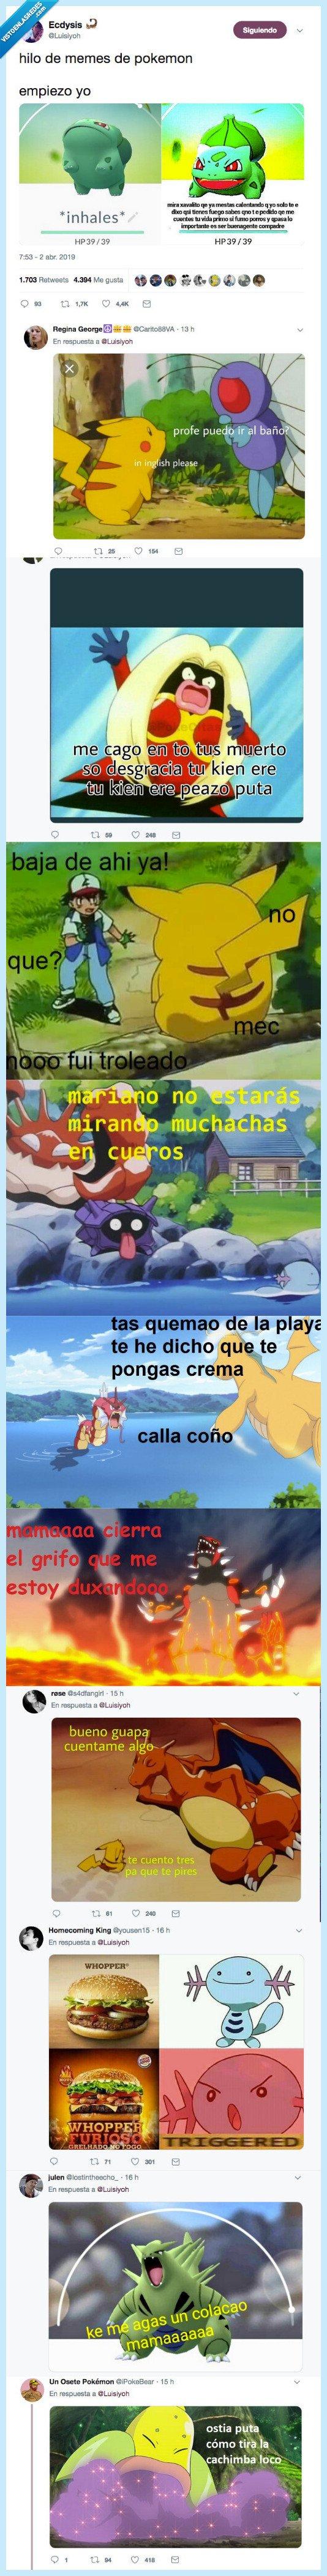 mejores,memes,pokémon,recopilan